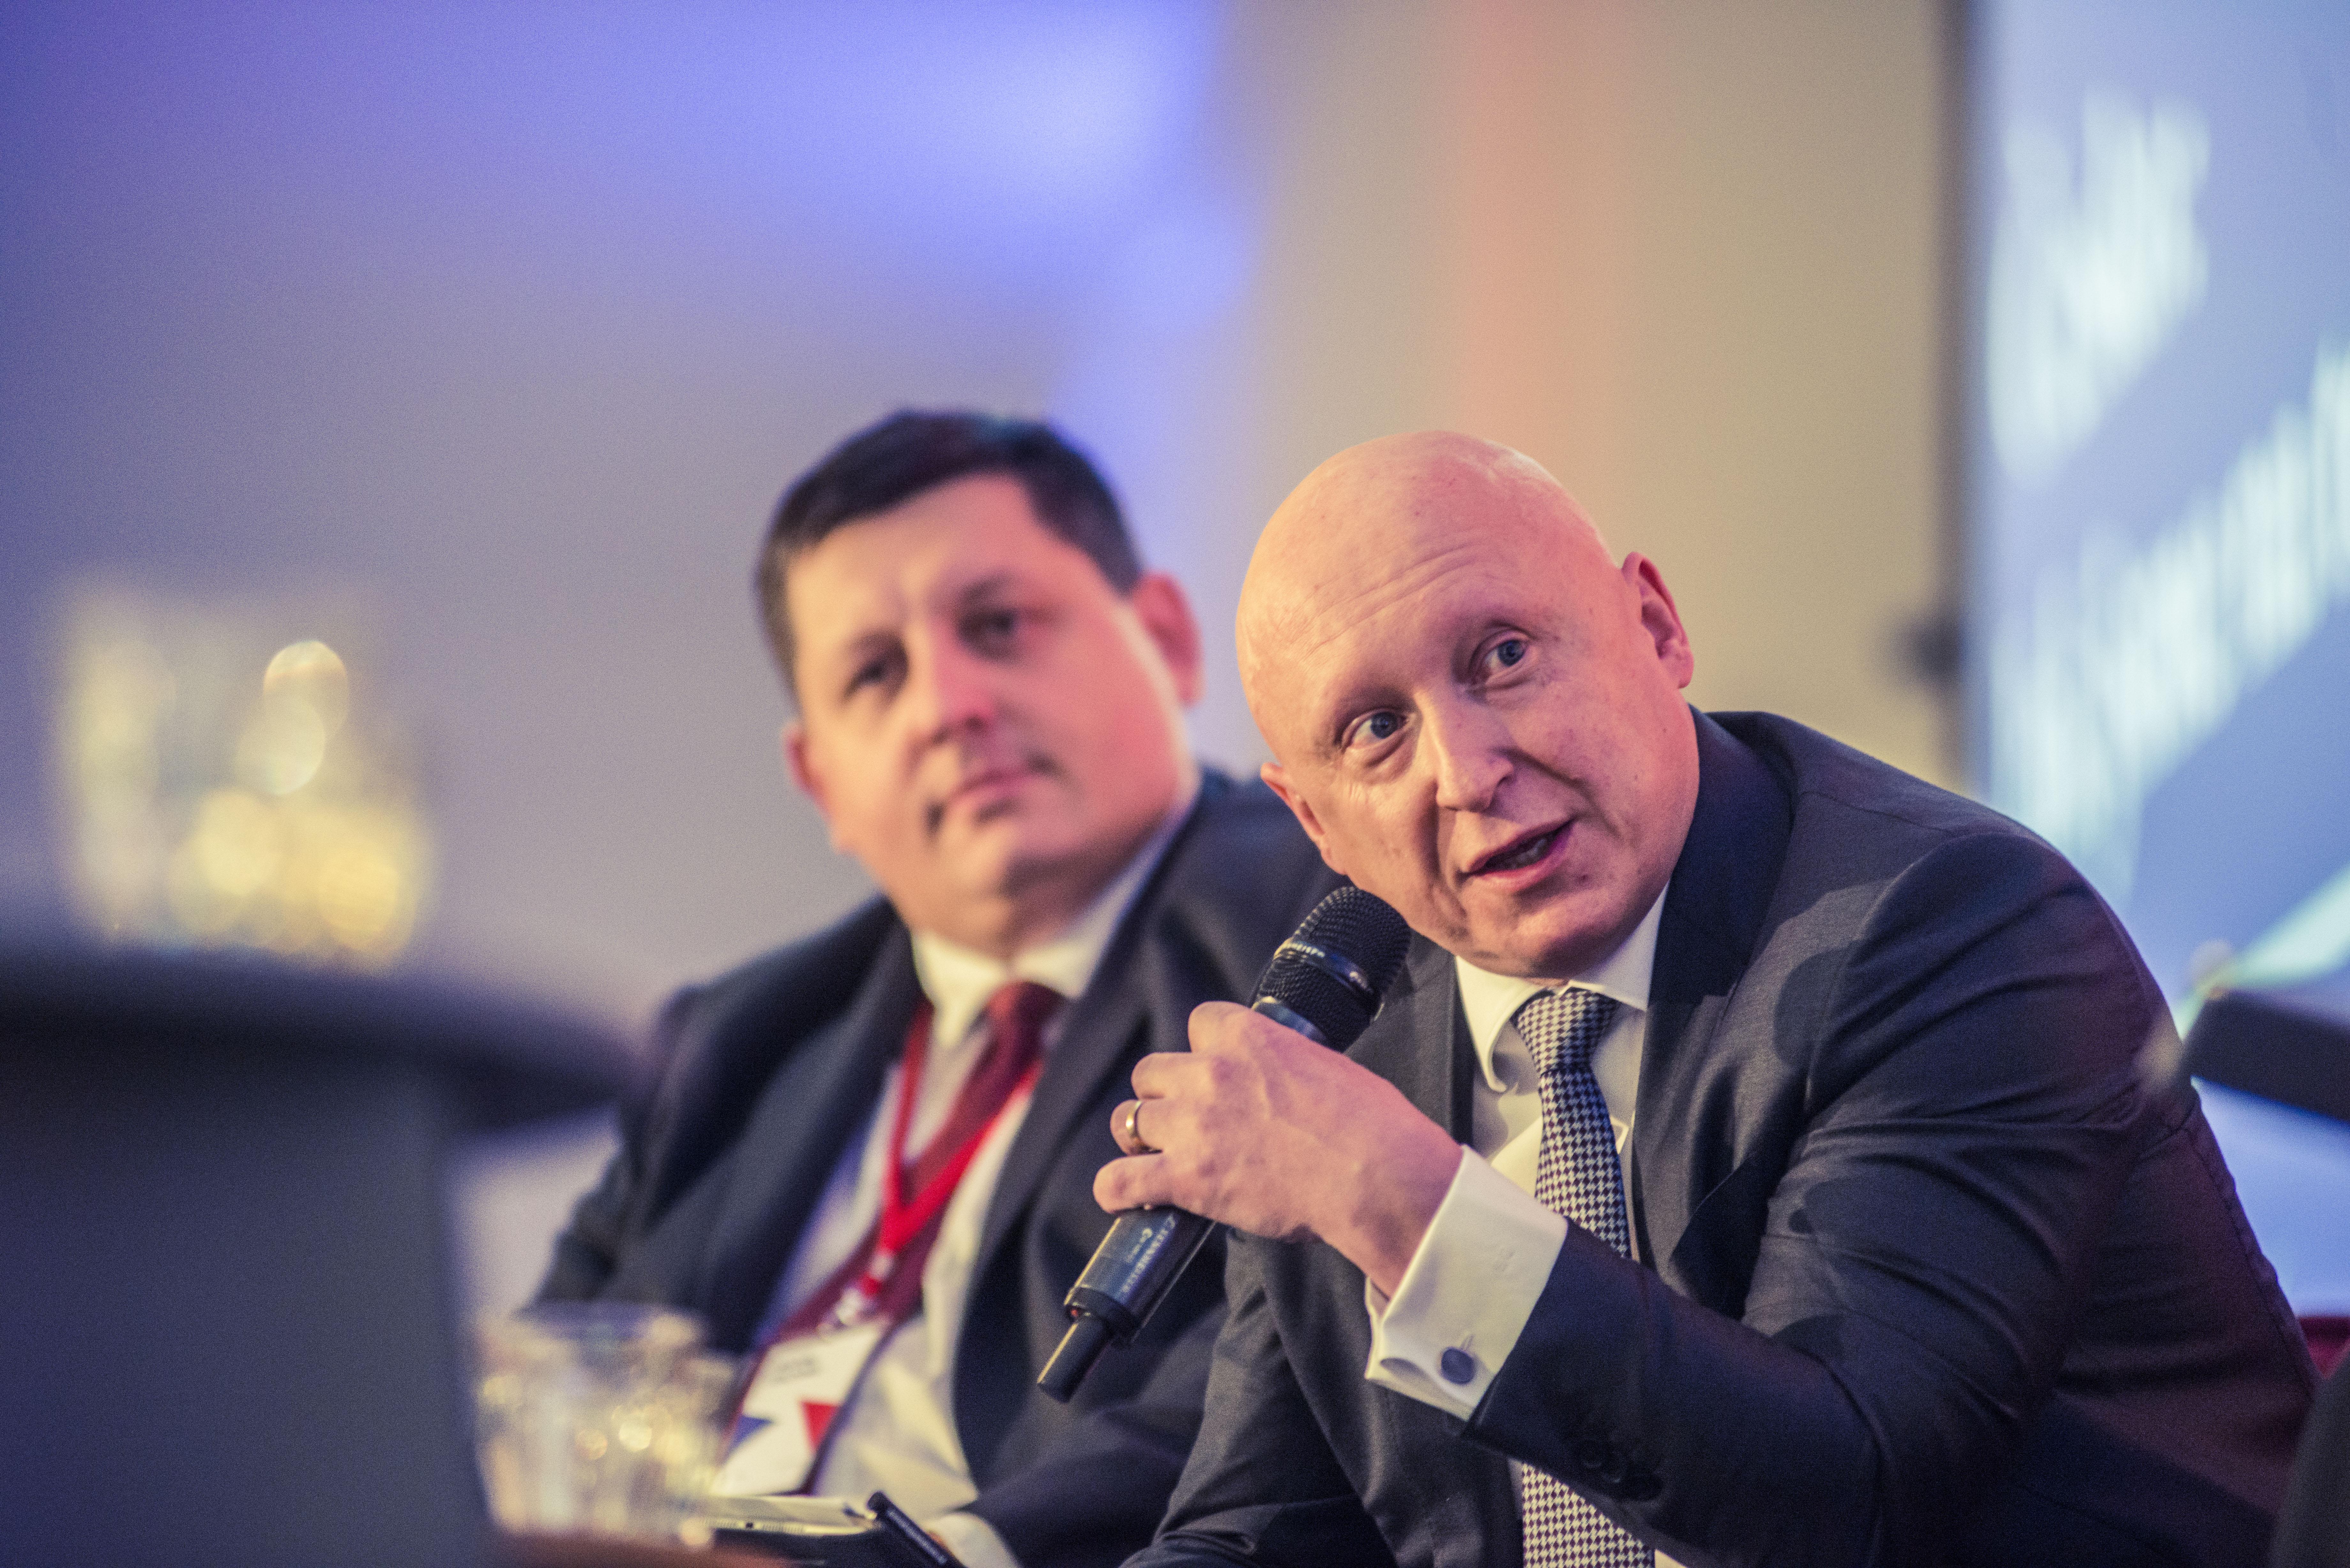 Daniel Beneš, generální ředitel společnosti ČEZ, a v pozadí Michal Stachník, generální ředitel společnosti Cisco.